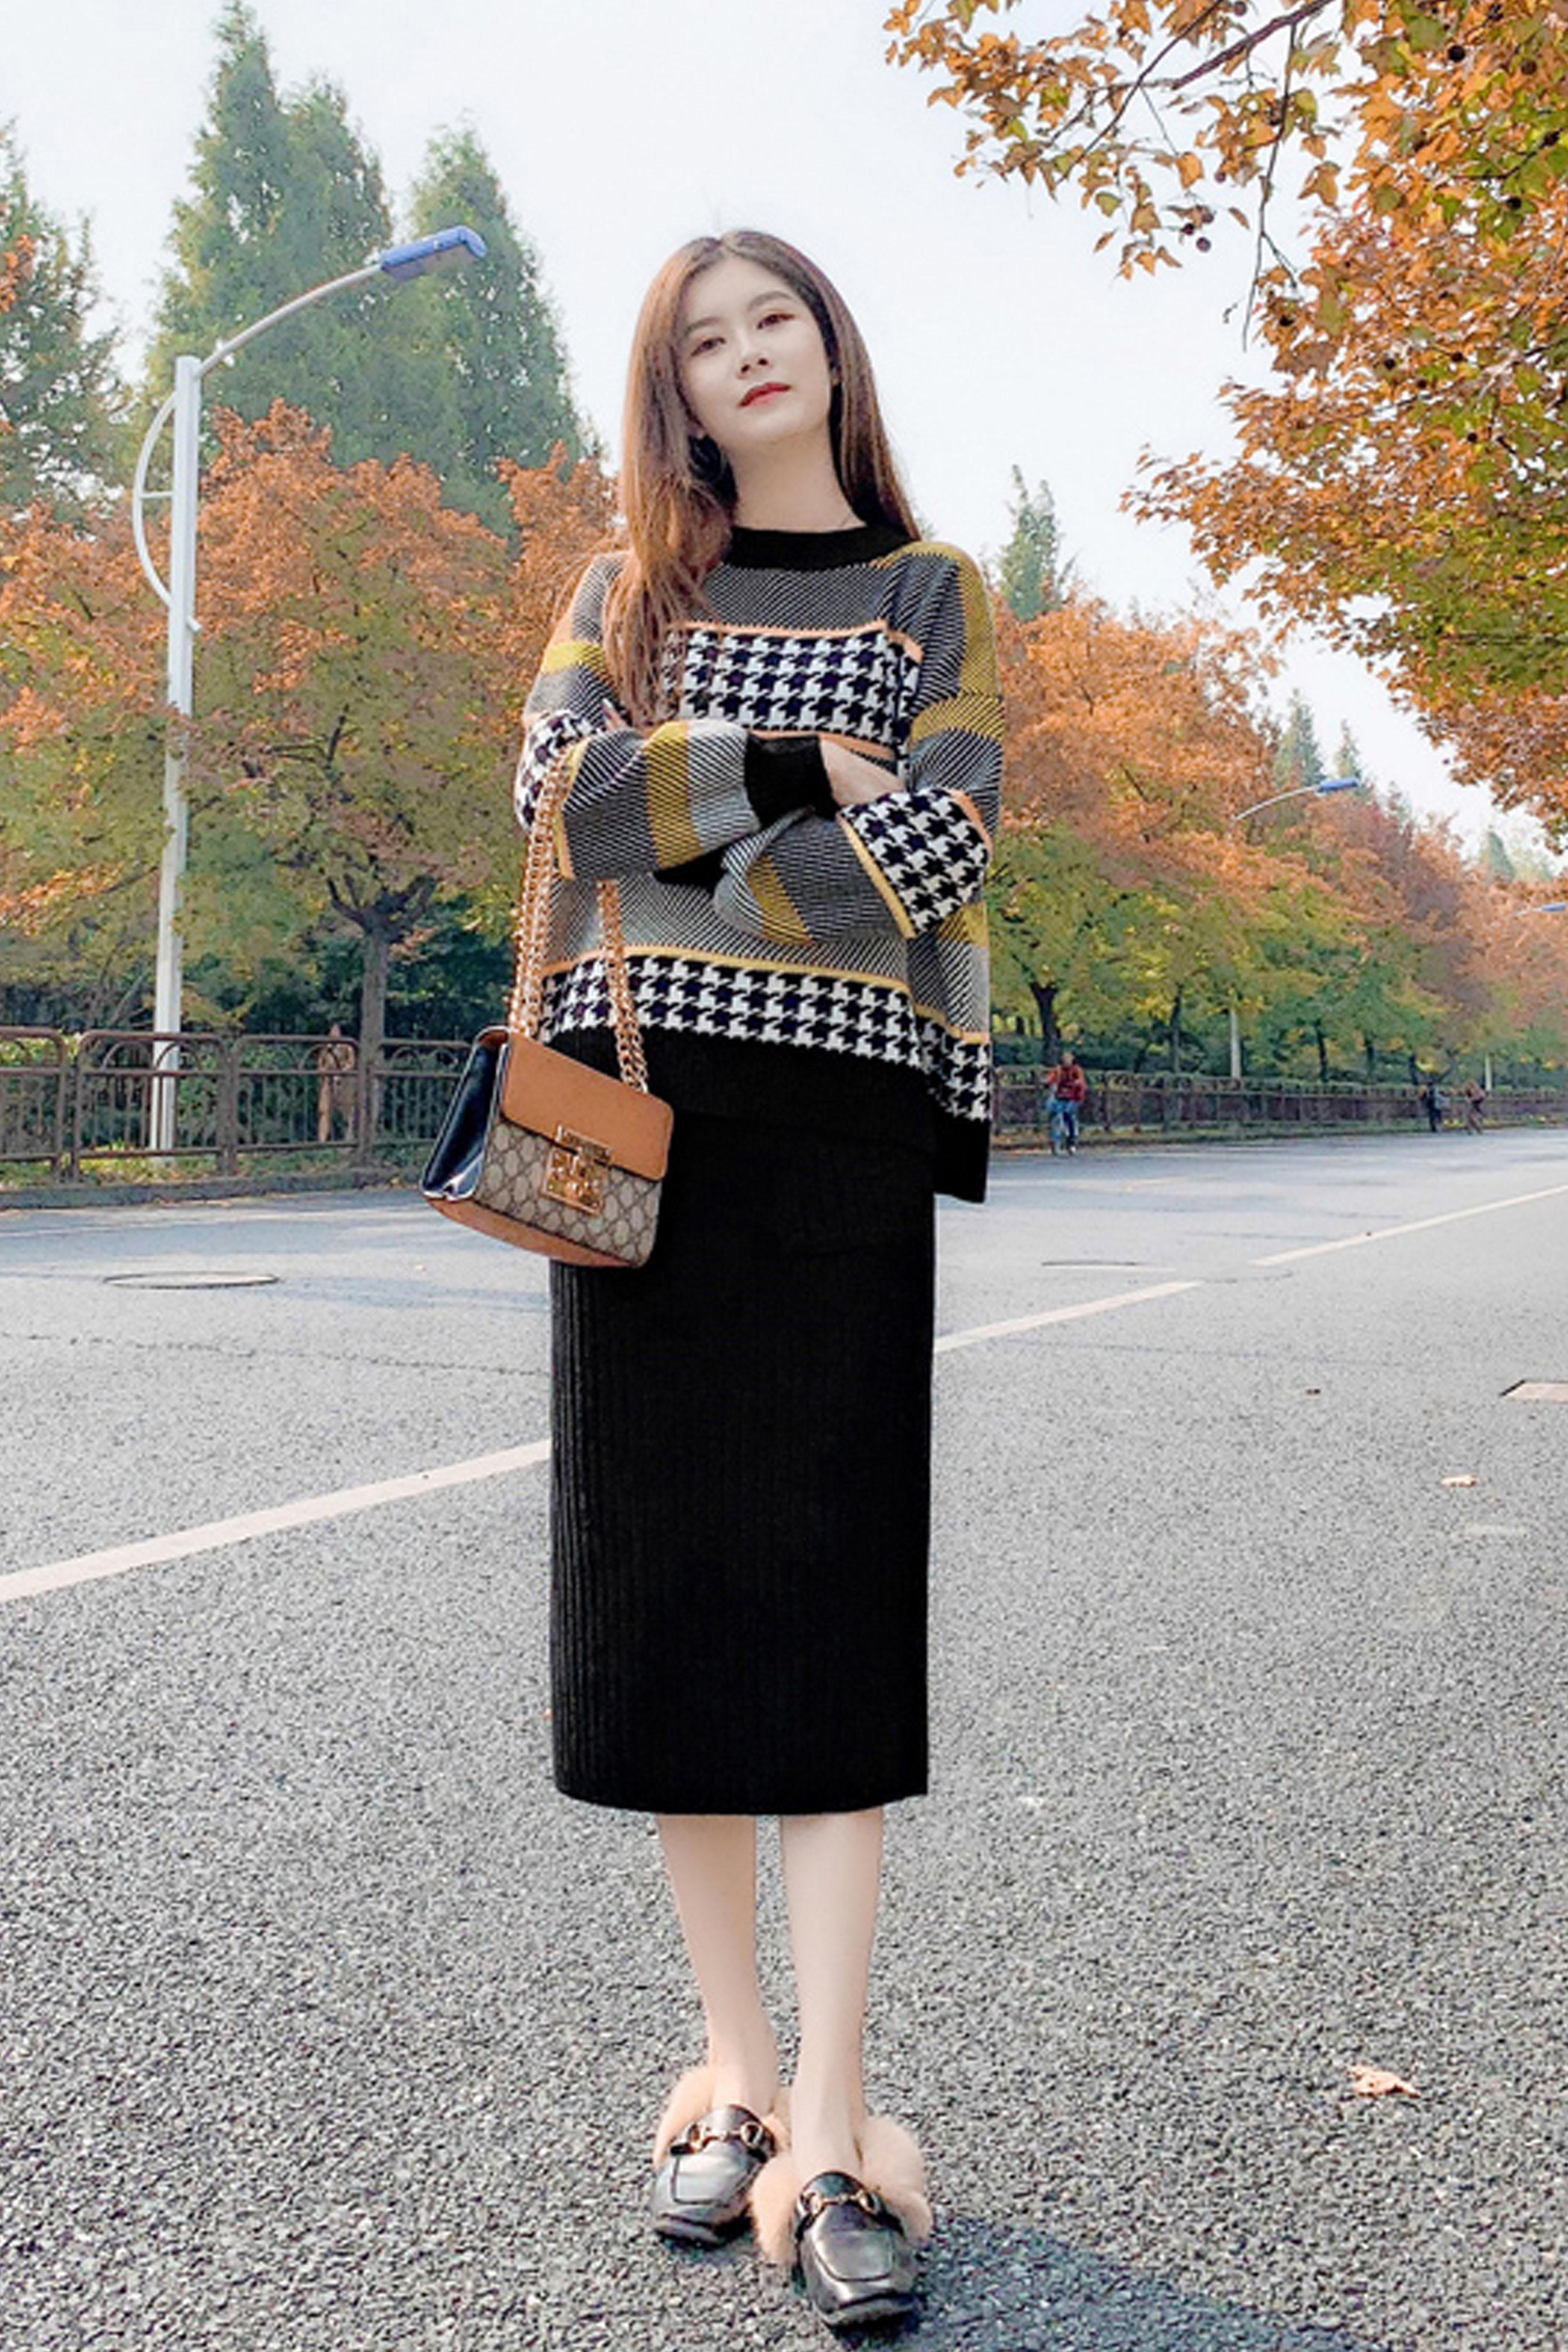 时尚套装女2019秋冬新款女装针织毛衣+高腰半身裙两件套装潮